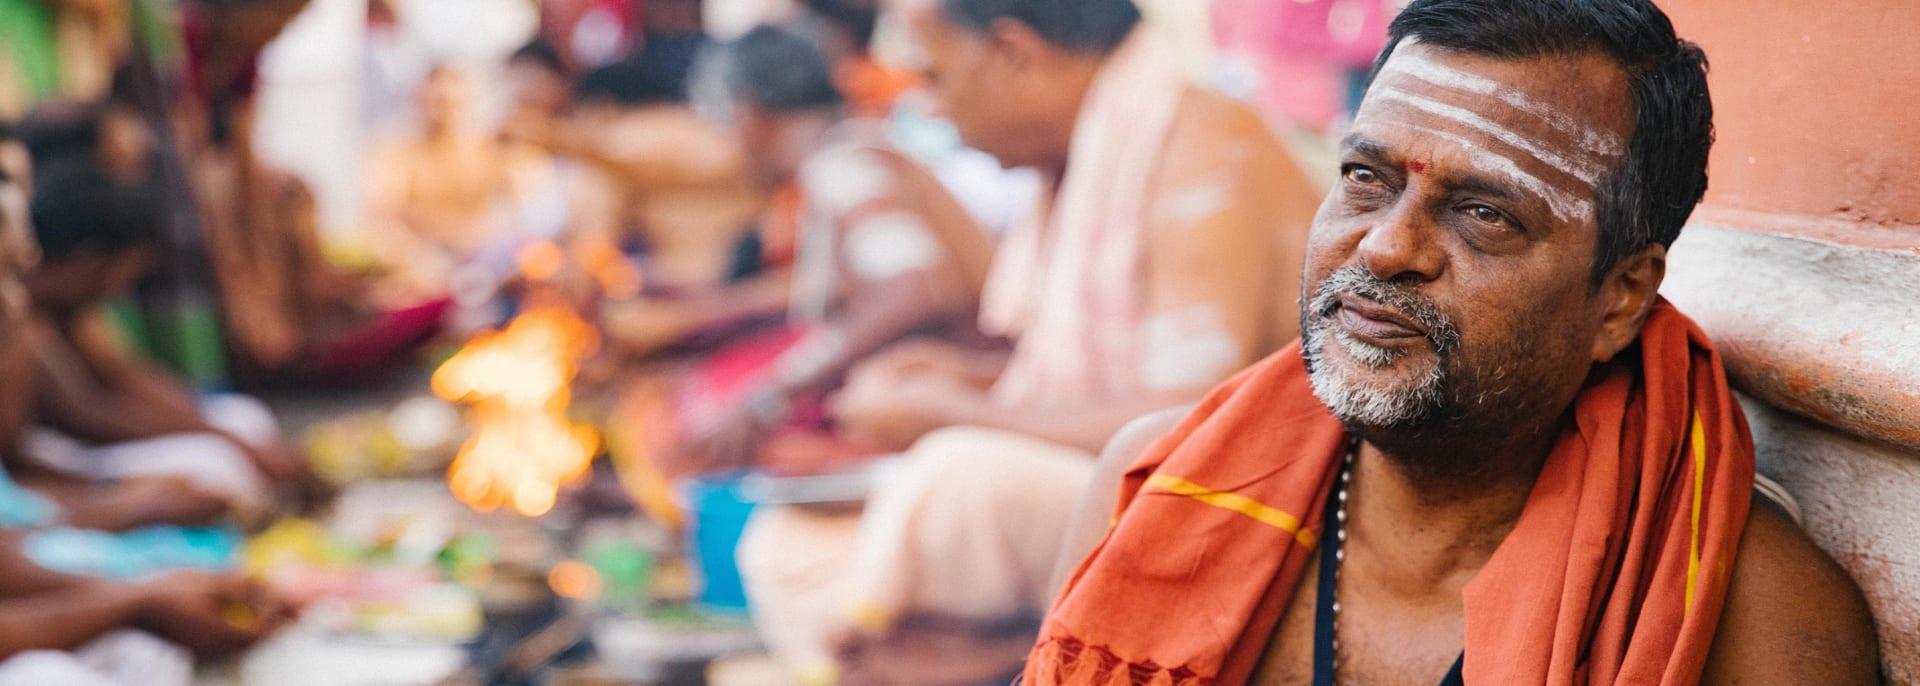 Hindu Priester, Indien